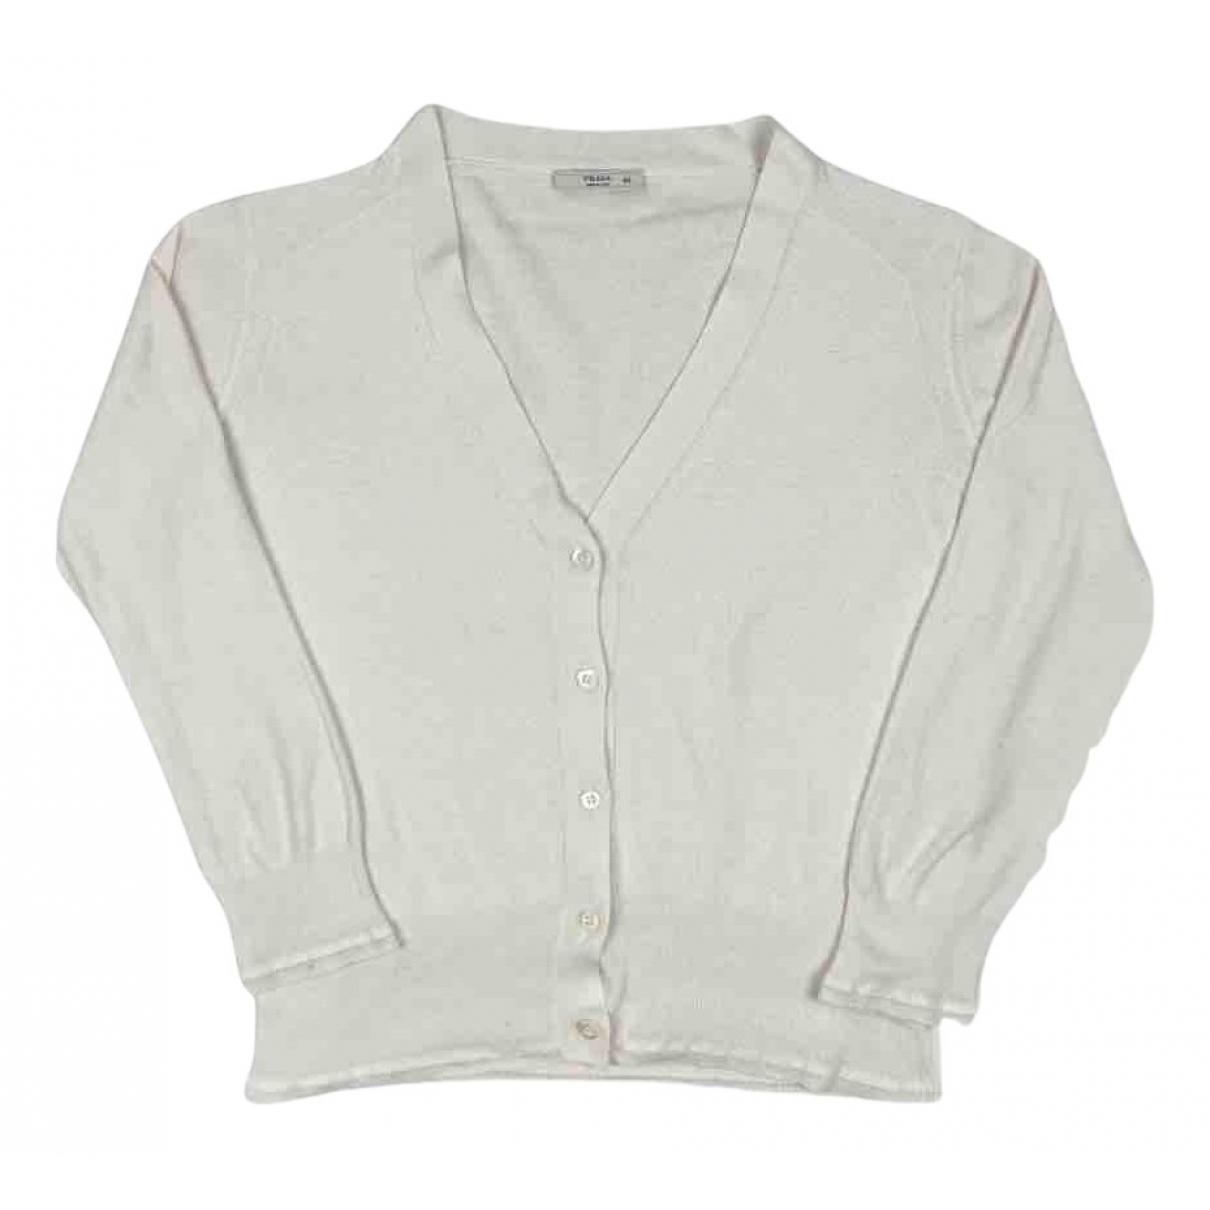 Prada N Beige Cotton Knitwear for Women 40 IT